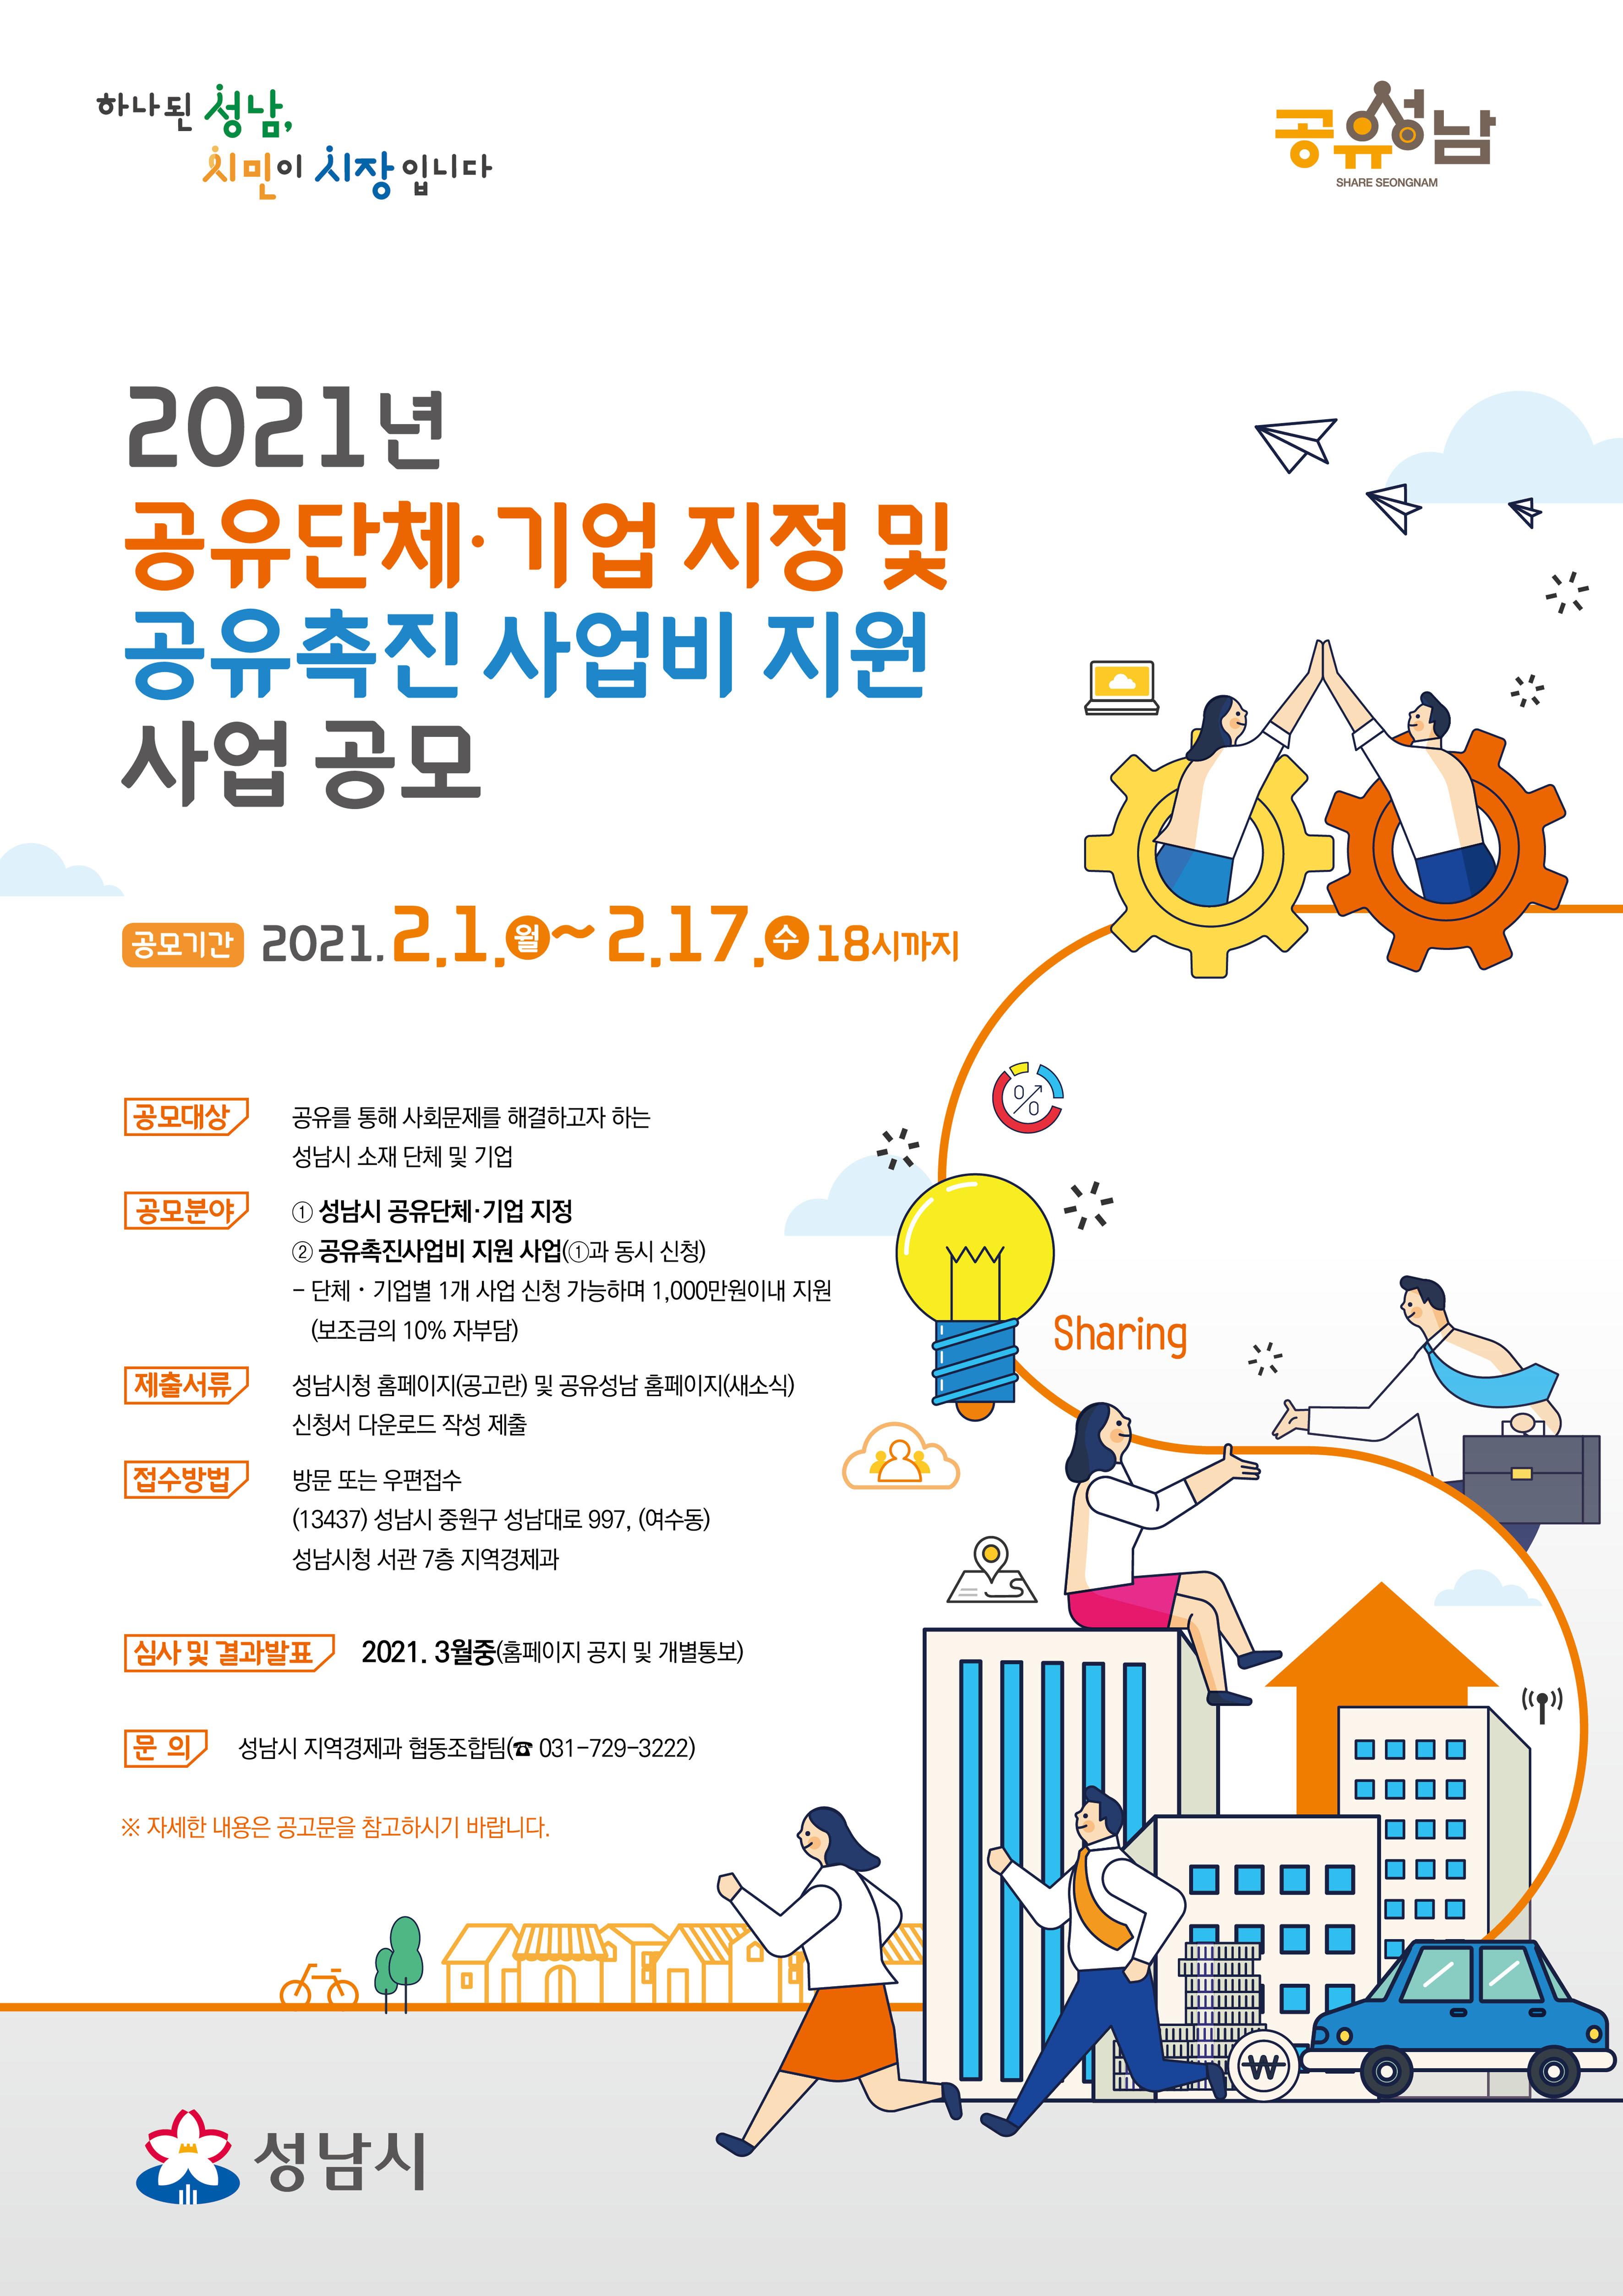 [2021년 공유단체 기업 지정 및 공유촉진 사업비 지원 사업공모]